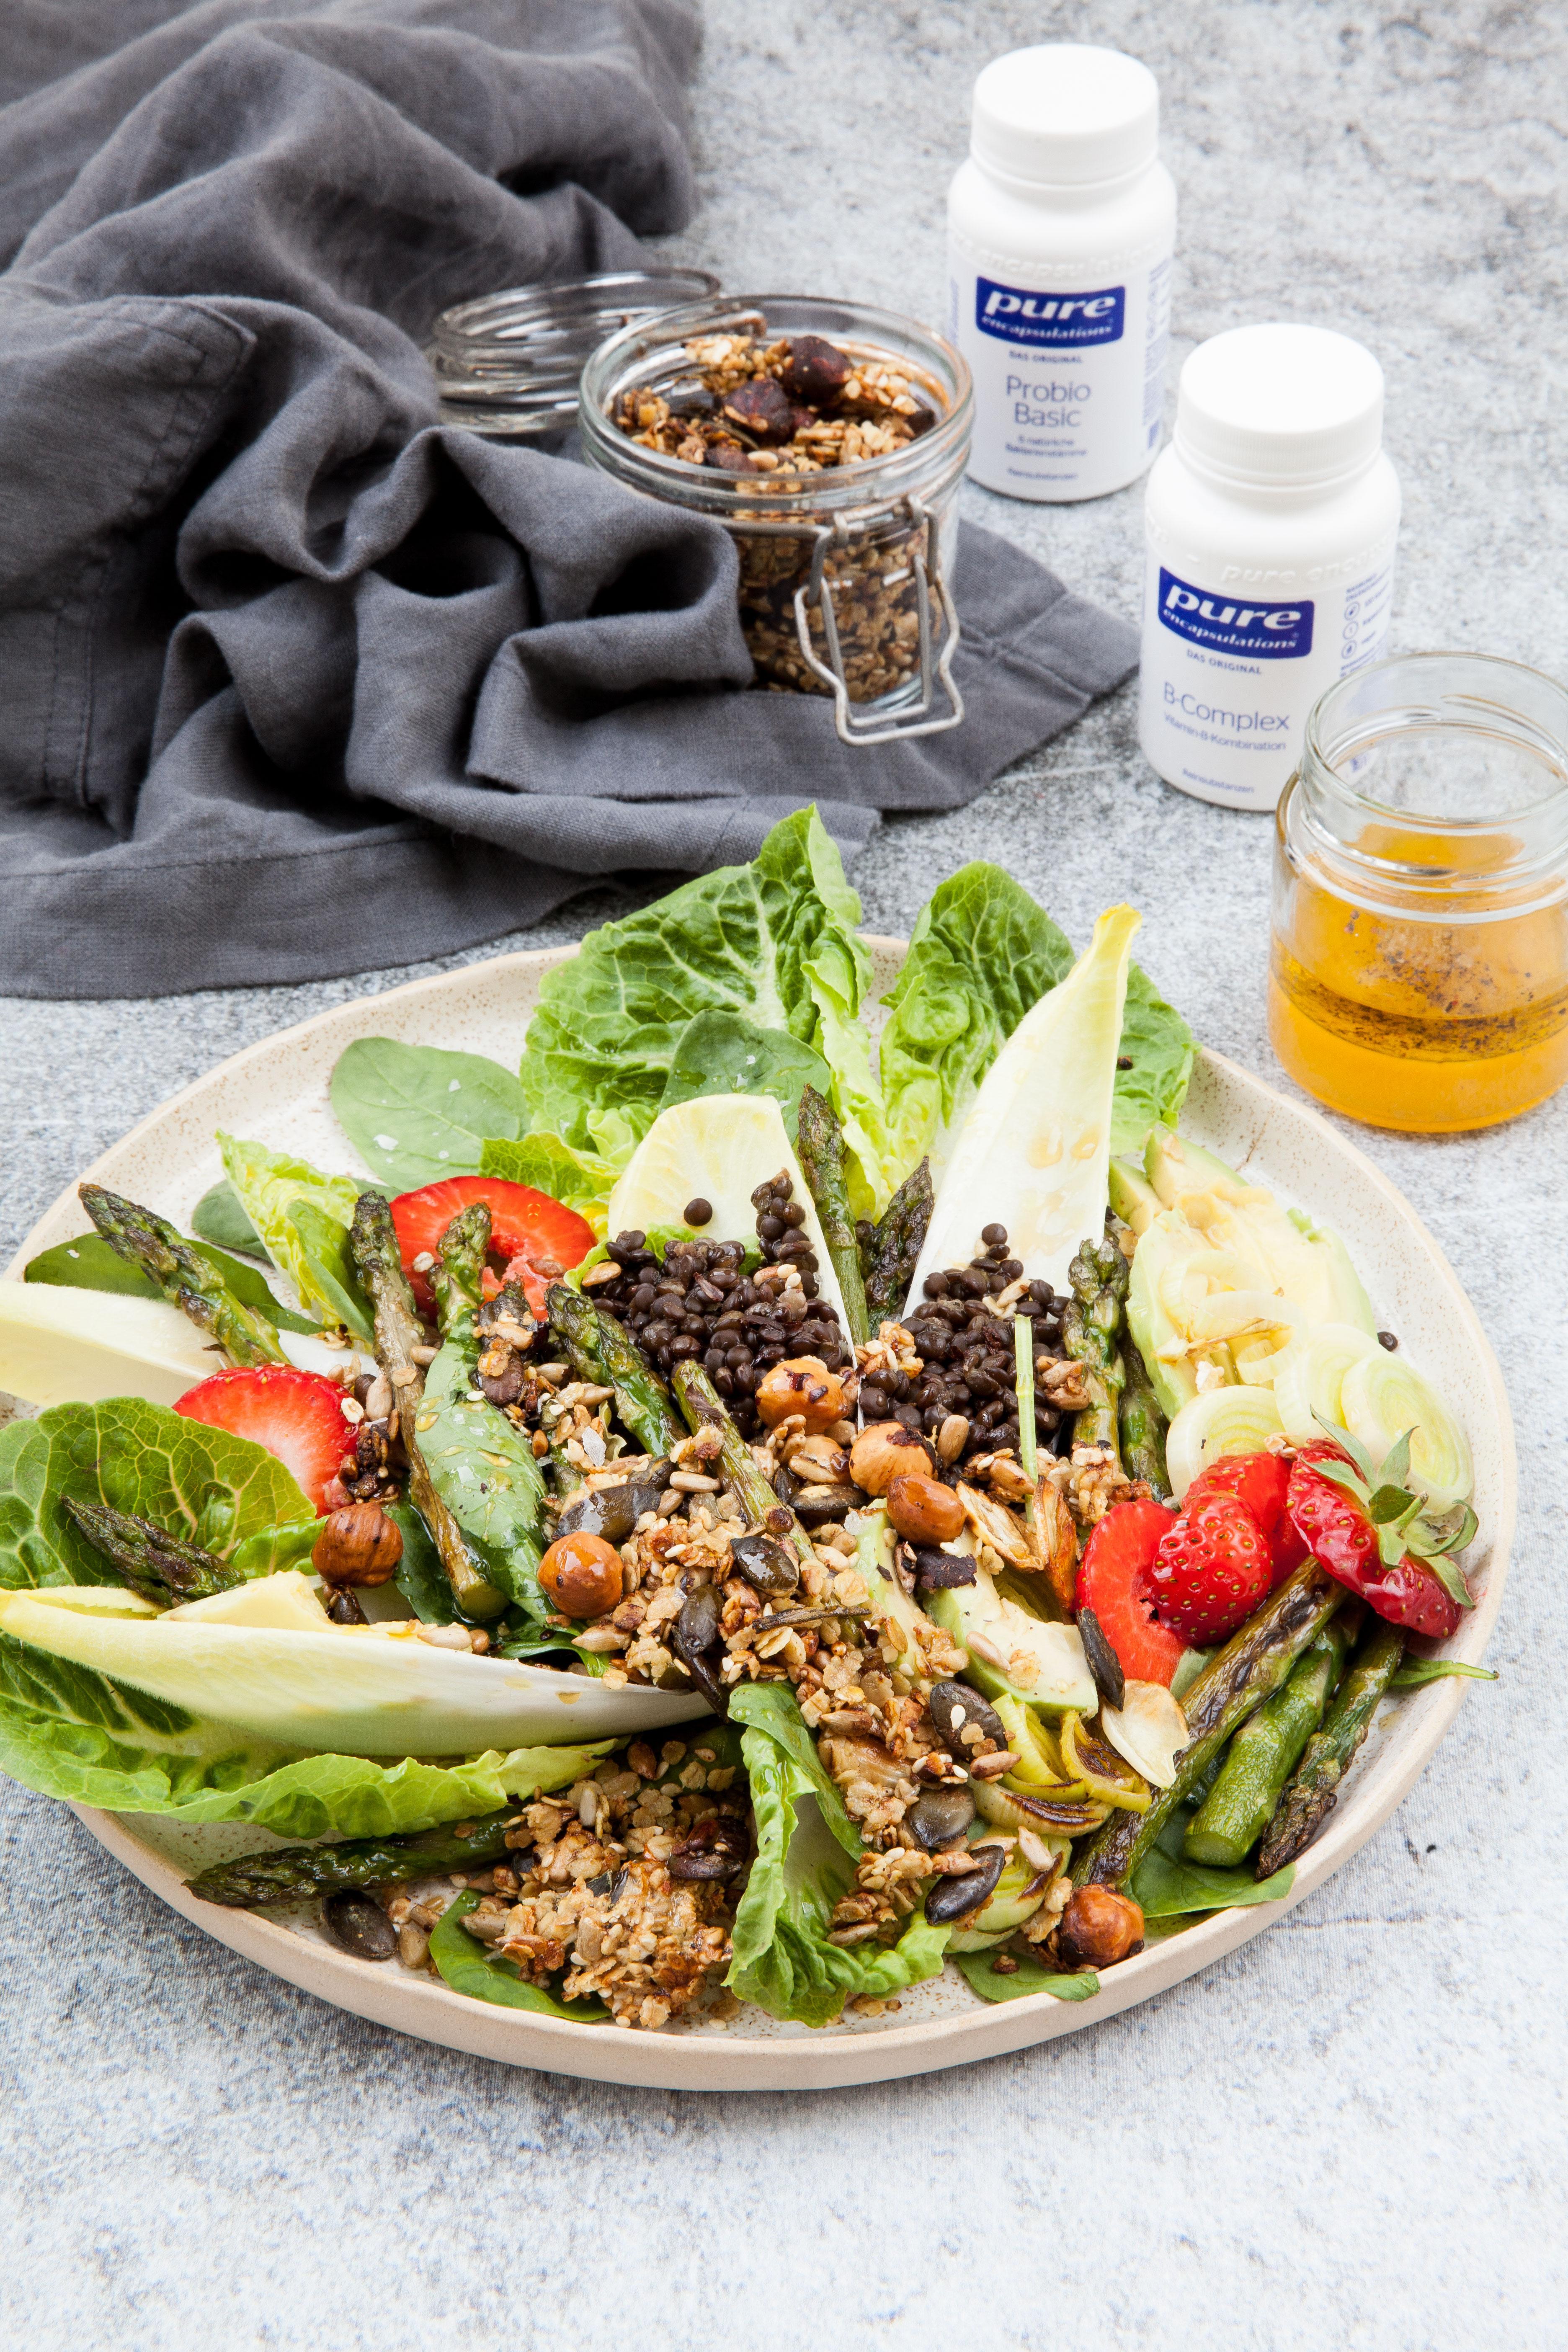 Pure_Beluga-Salat_Foodtastic_MG_8297